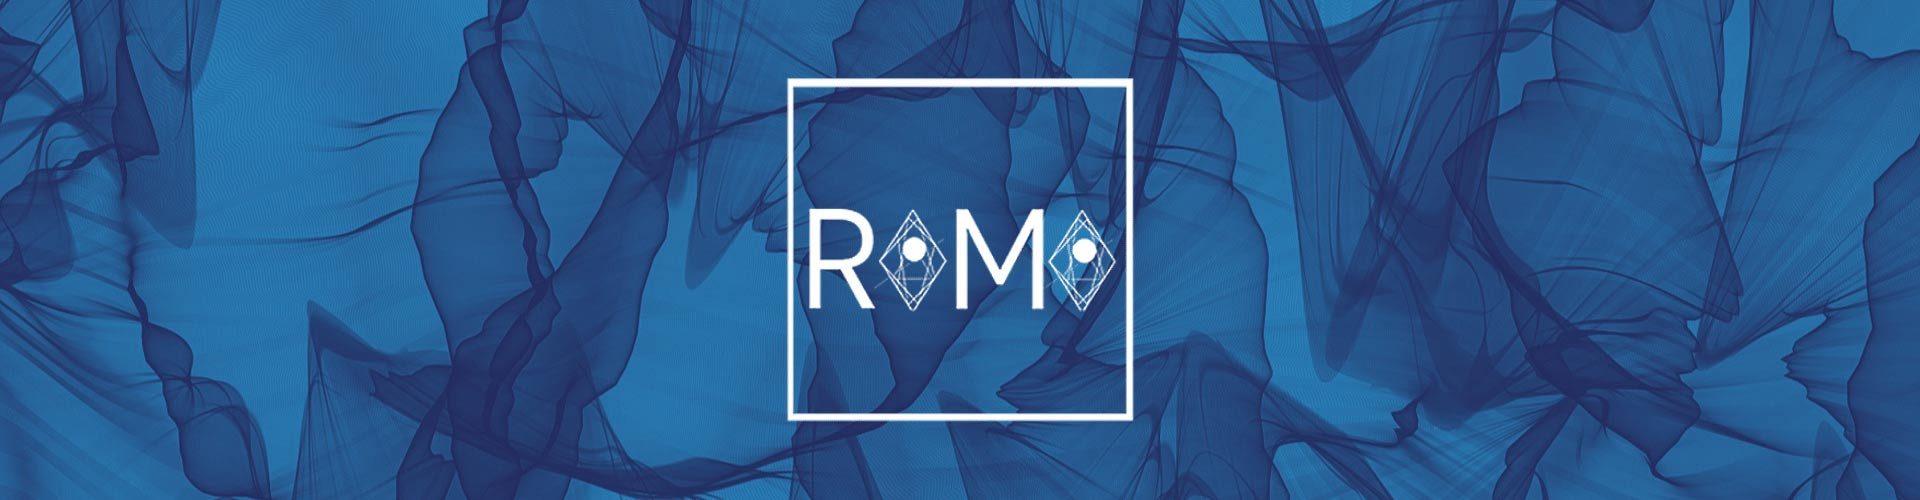 romo new blog logo